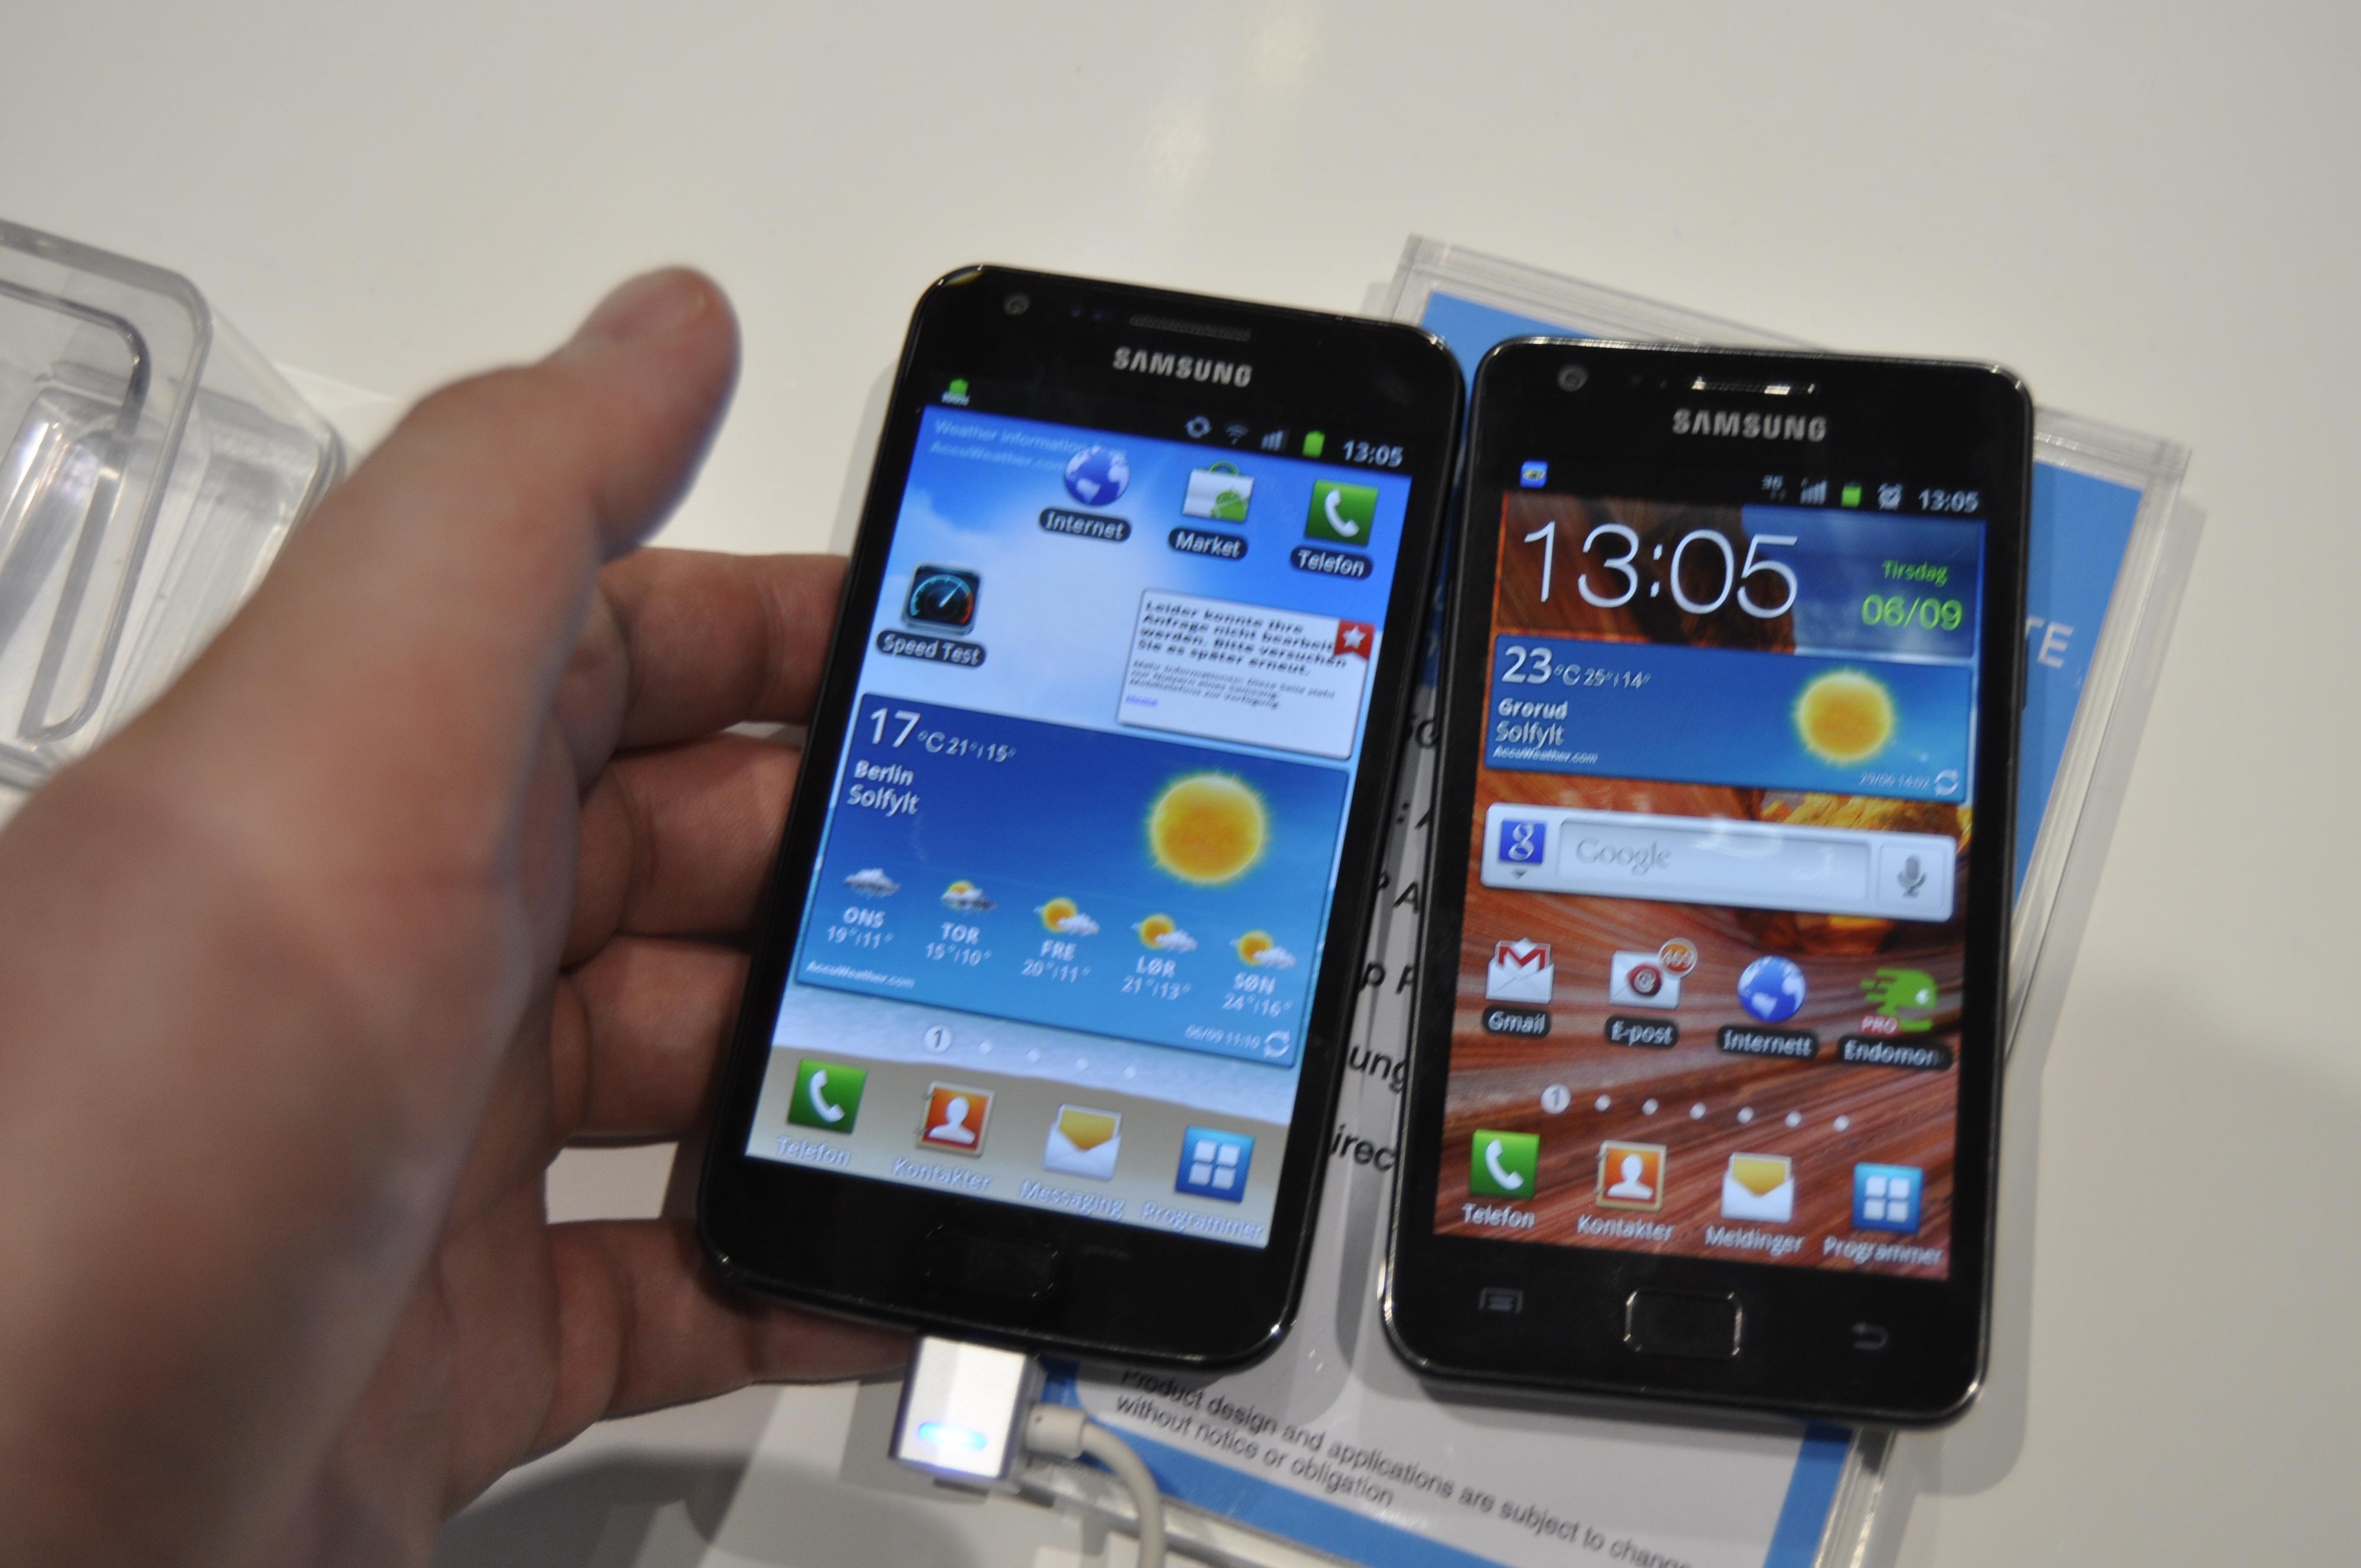 Galaxy S II LTE ved siden av dagens Galaxy S II. Den nye er litt større.